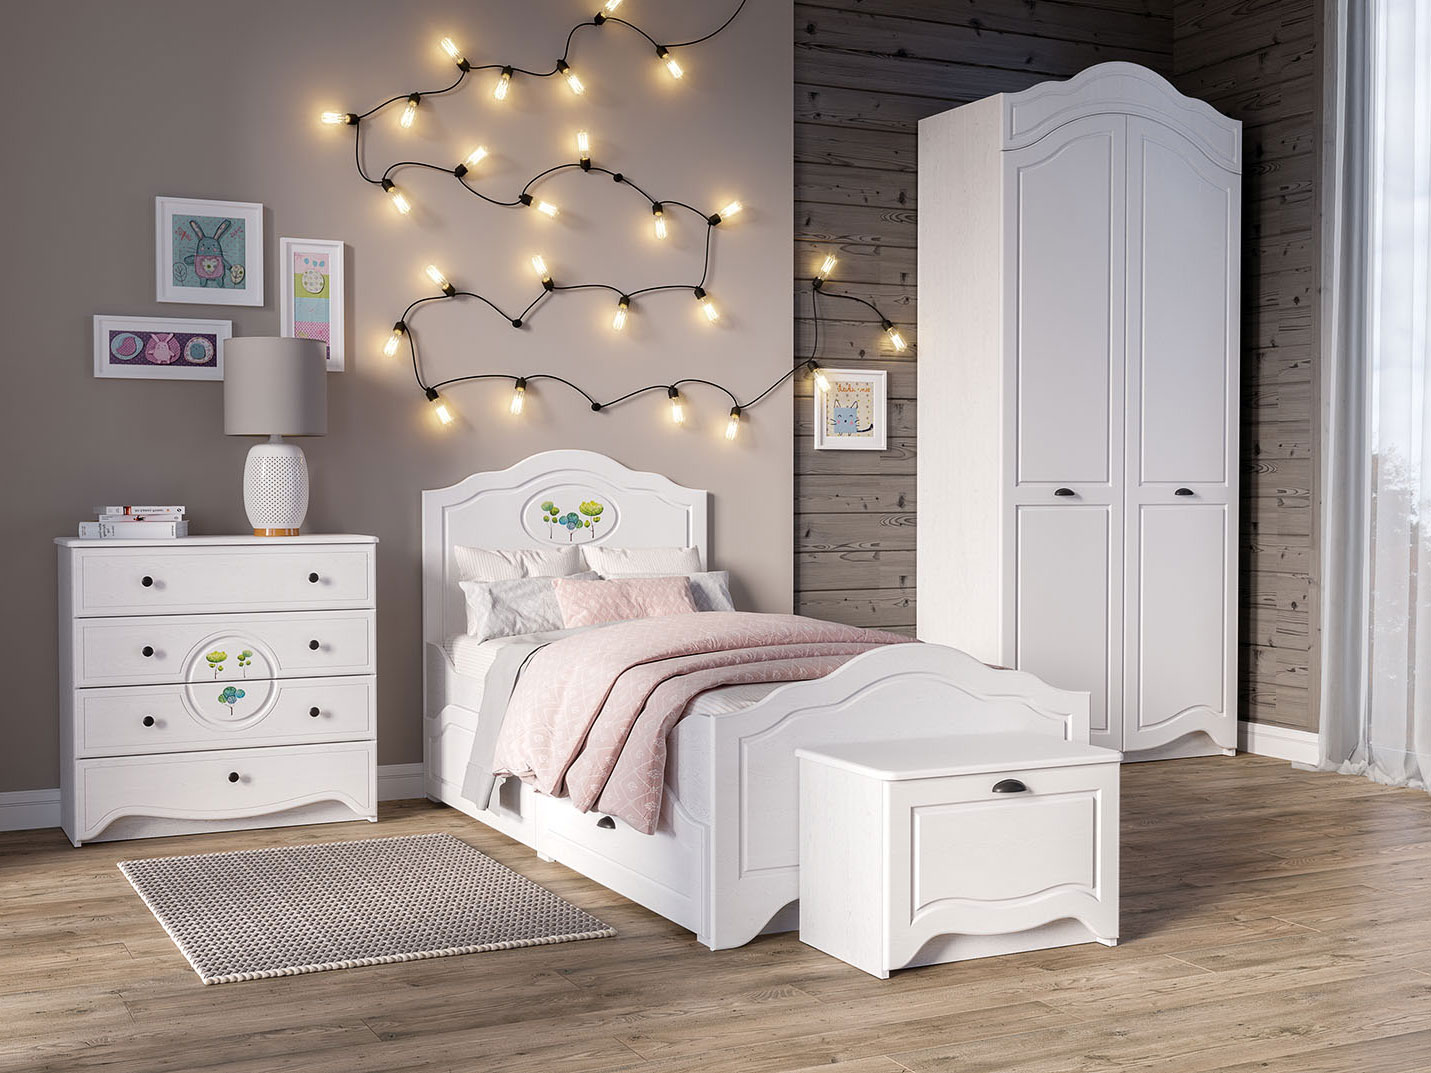 Комплект детской мебели Роуз